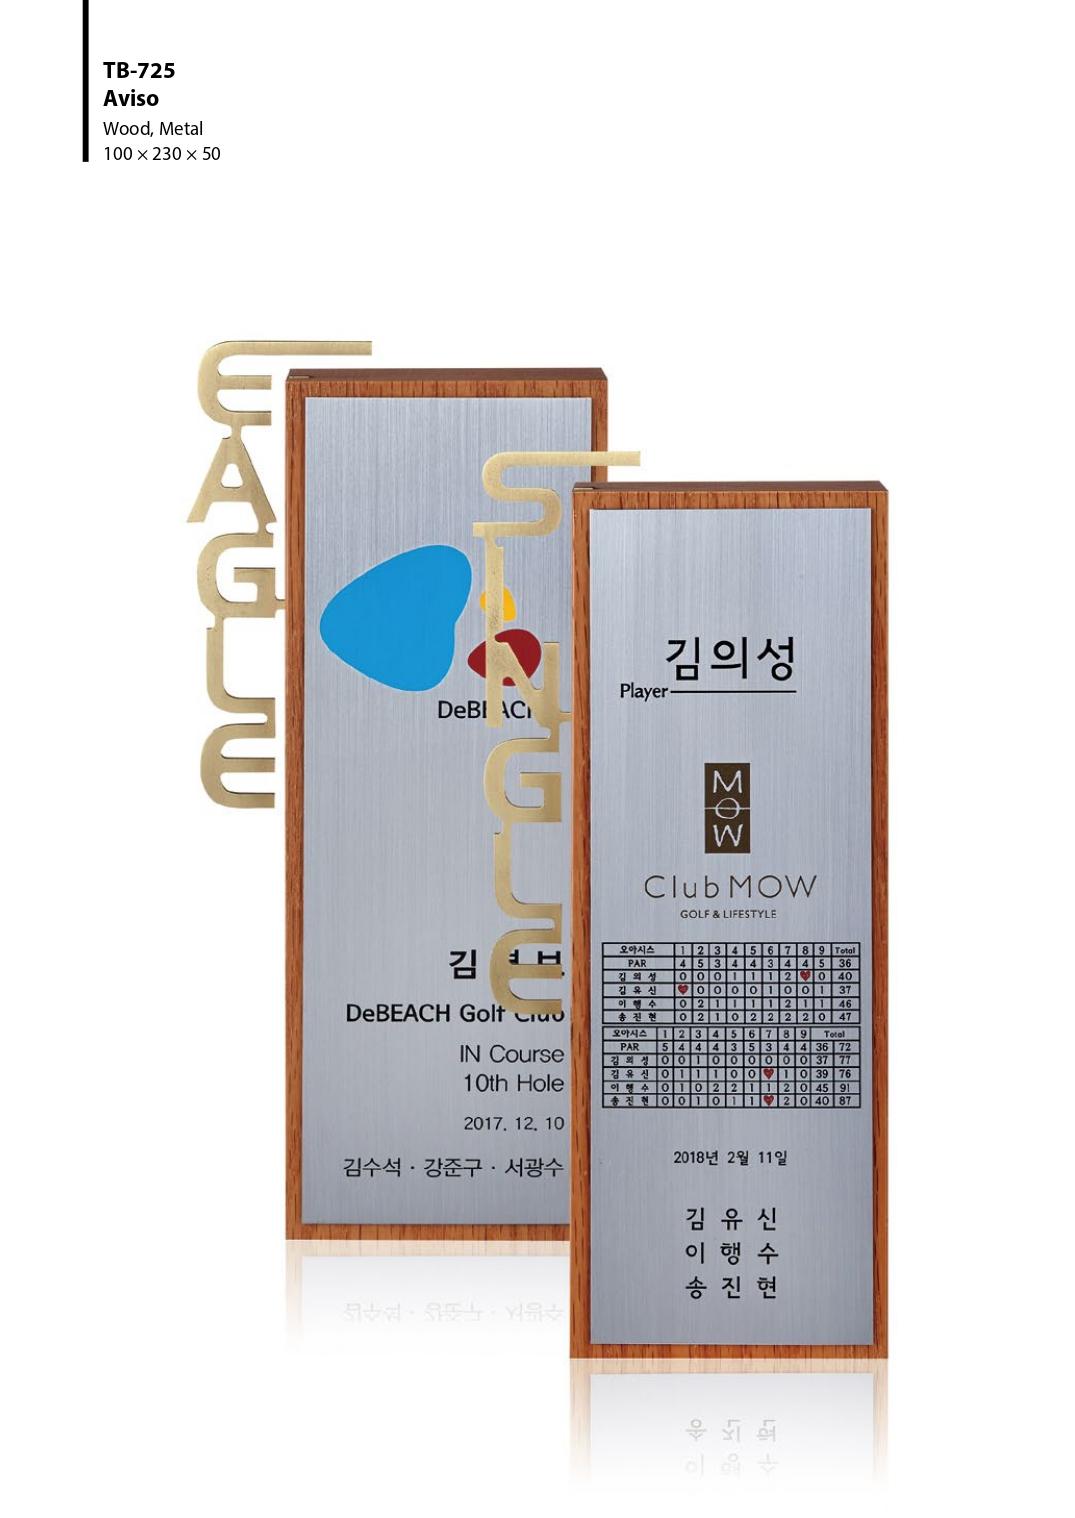 KLPK45025 이쁜골프패 홀인원패 이글패 싱글패제작 상패 트로피 판촉물 제작 케이엘피코리아